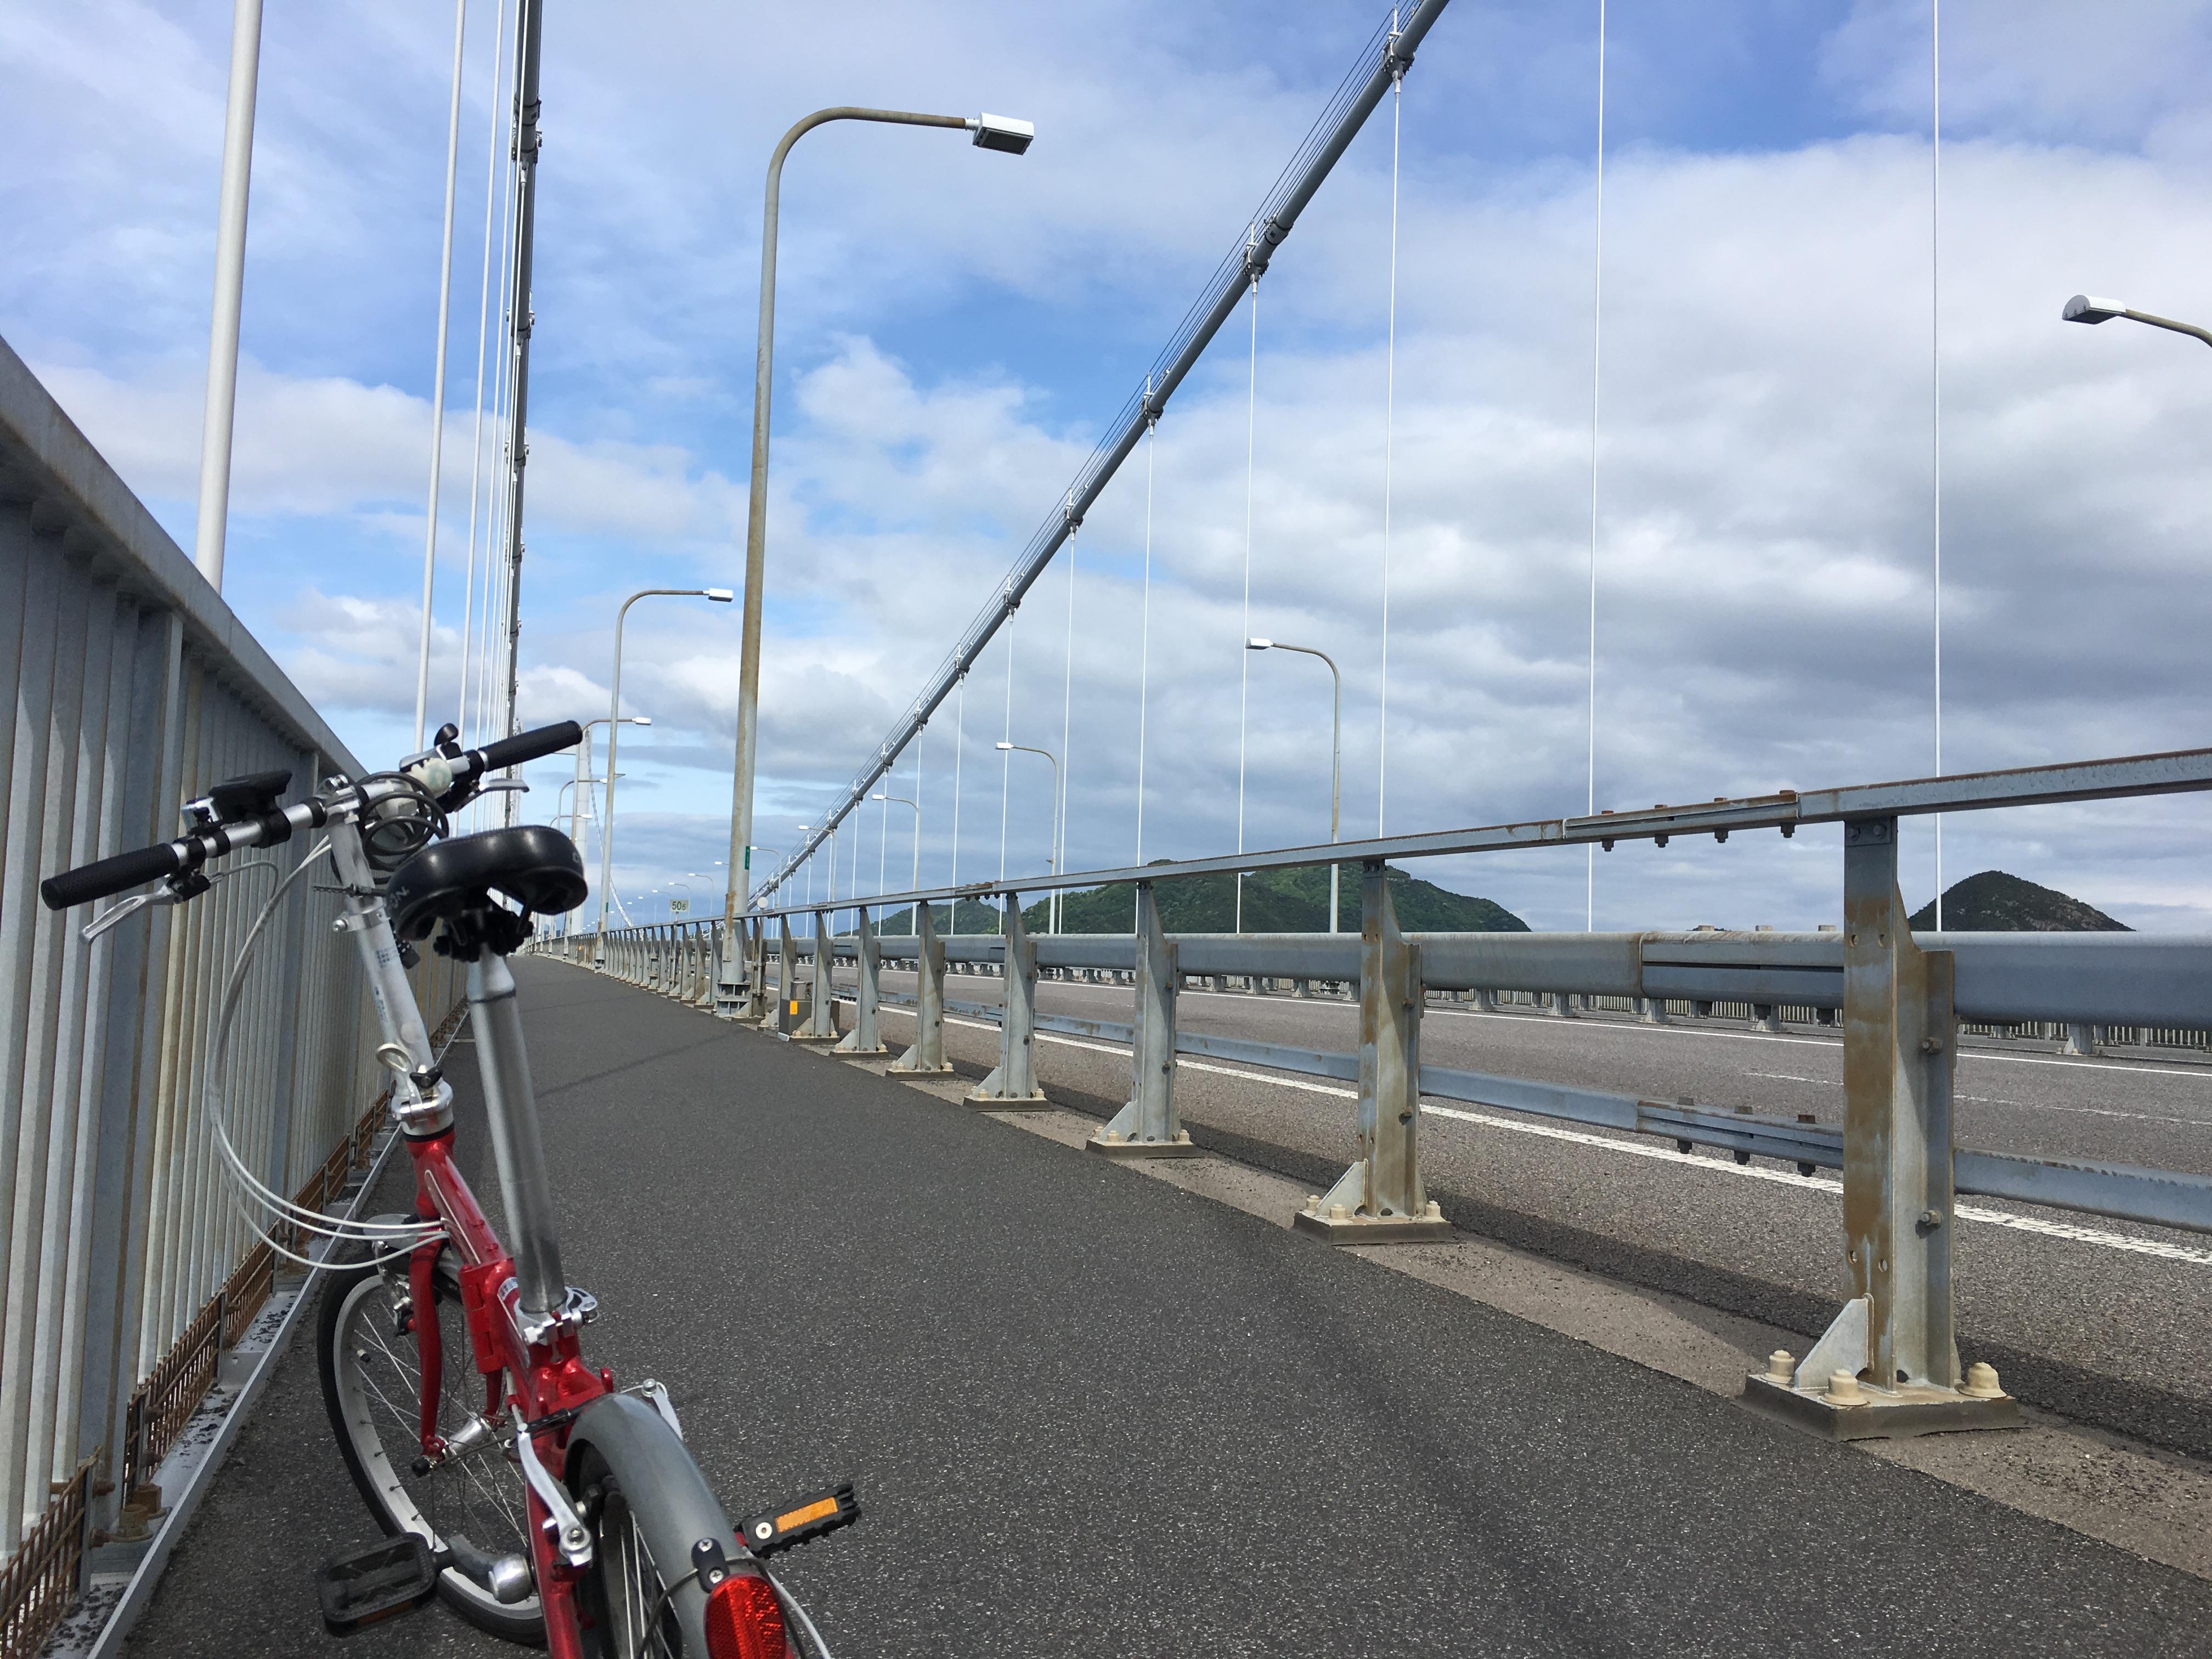 しまなみ海道は車道のすぐ横を歩行者と自転車が通行できる珍しい高速道路なのです